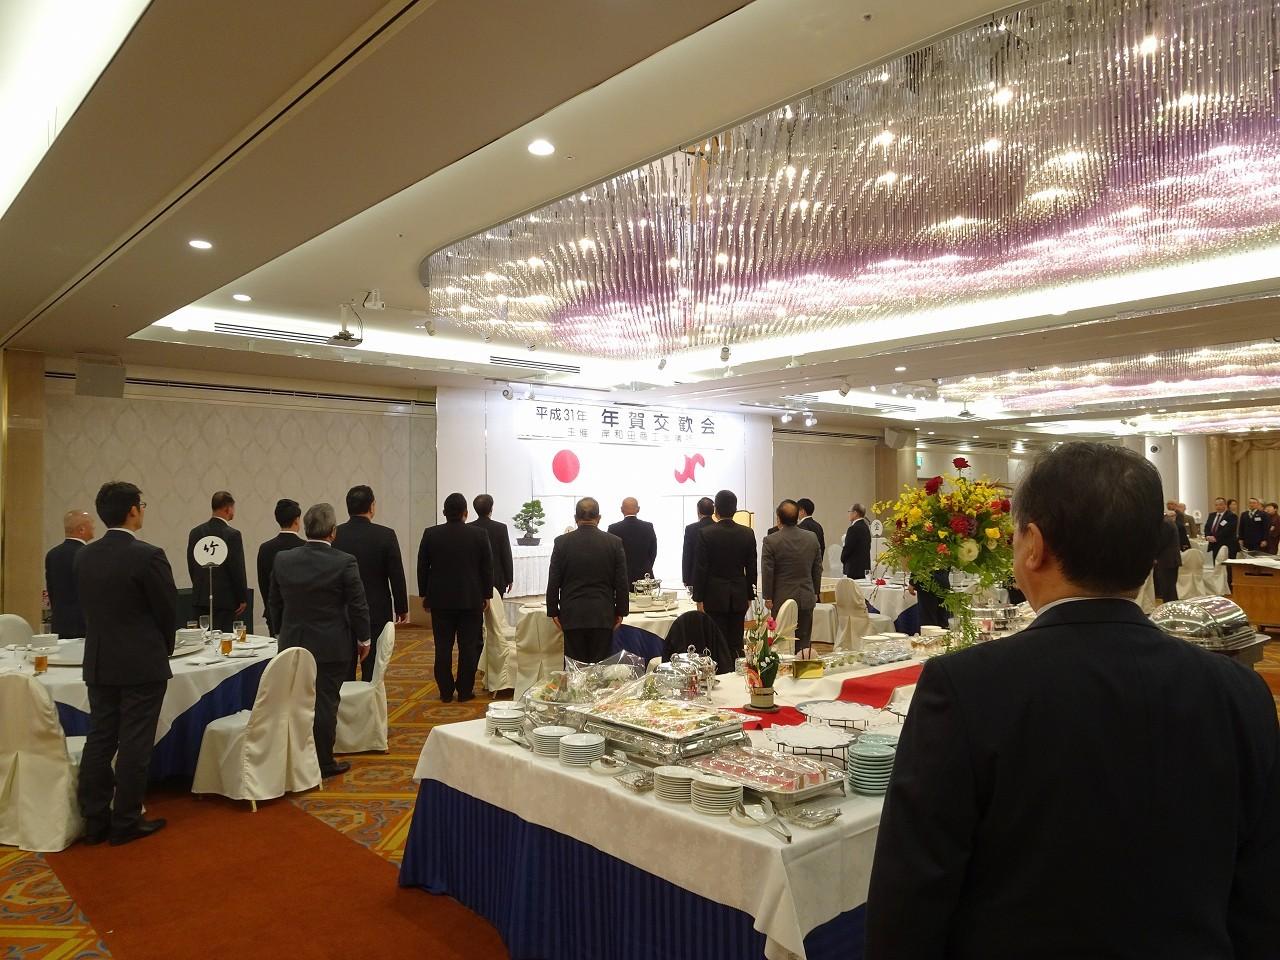 桐箪笥屋の社長ブログ 2019年岸和田商工会議所 年賀交歓会がございました。